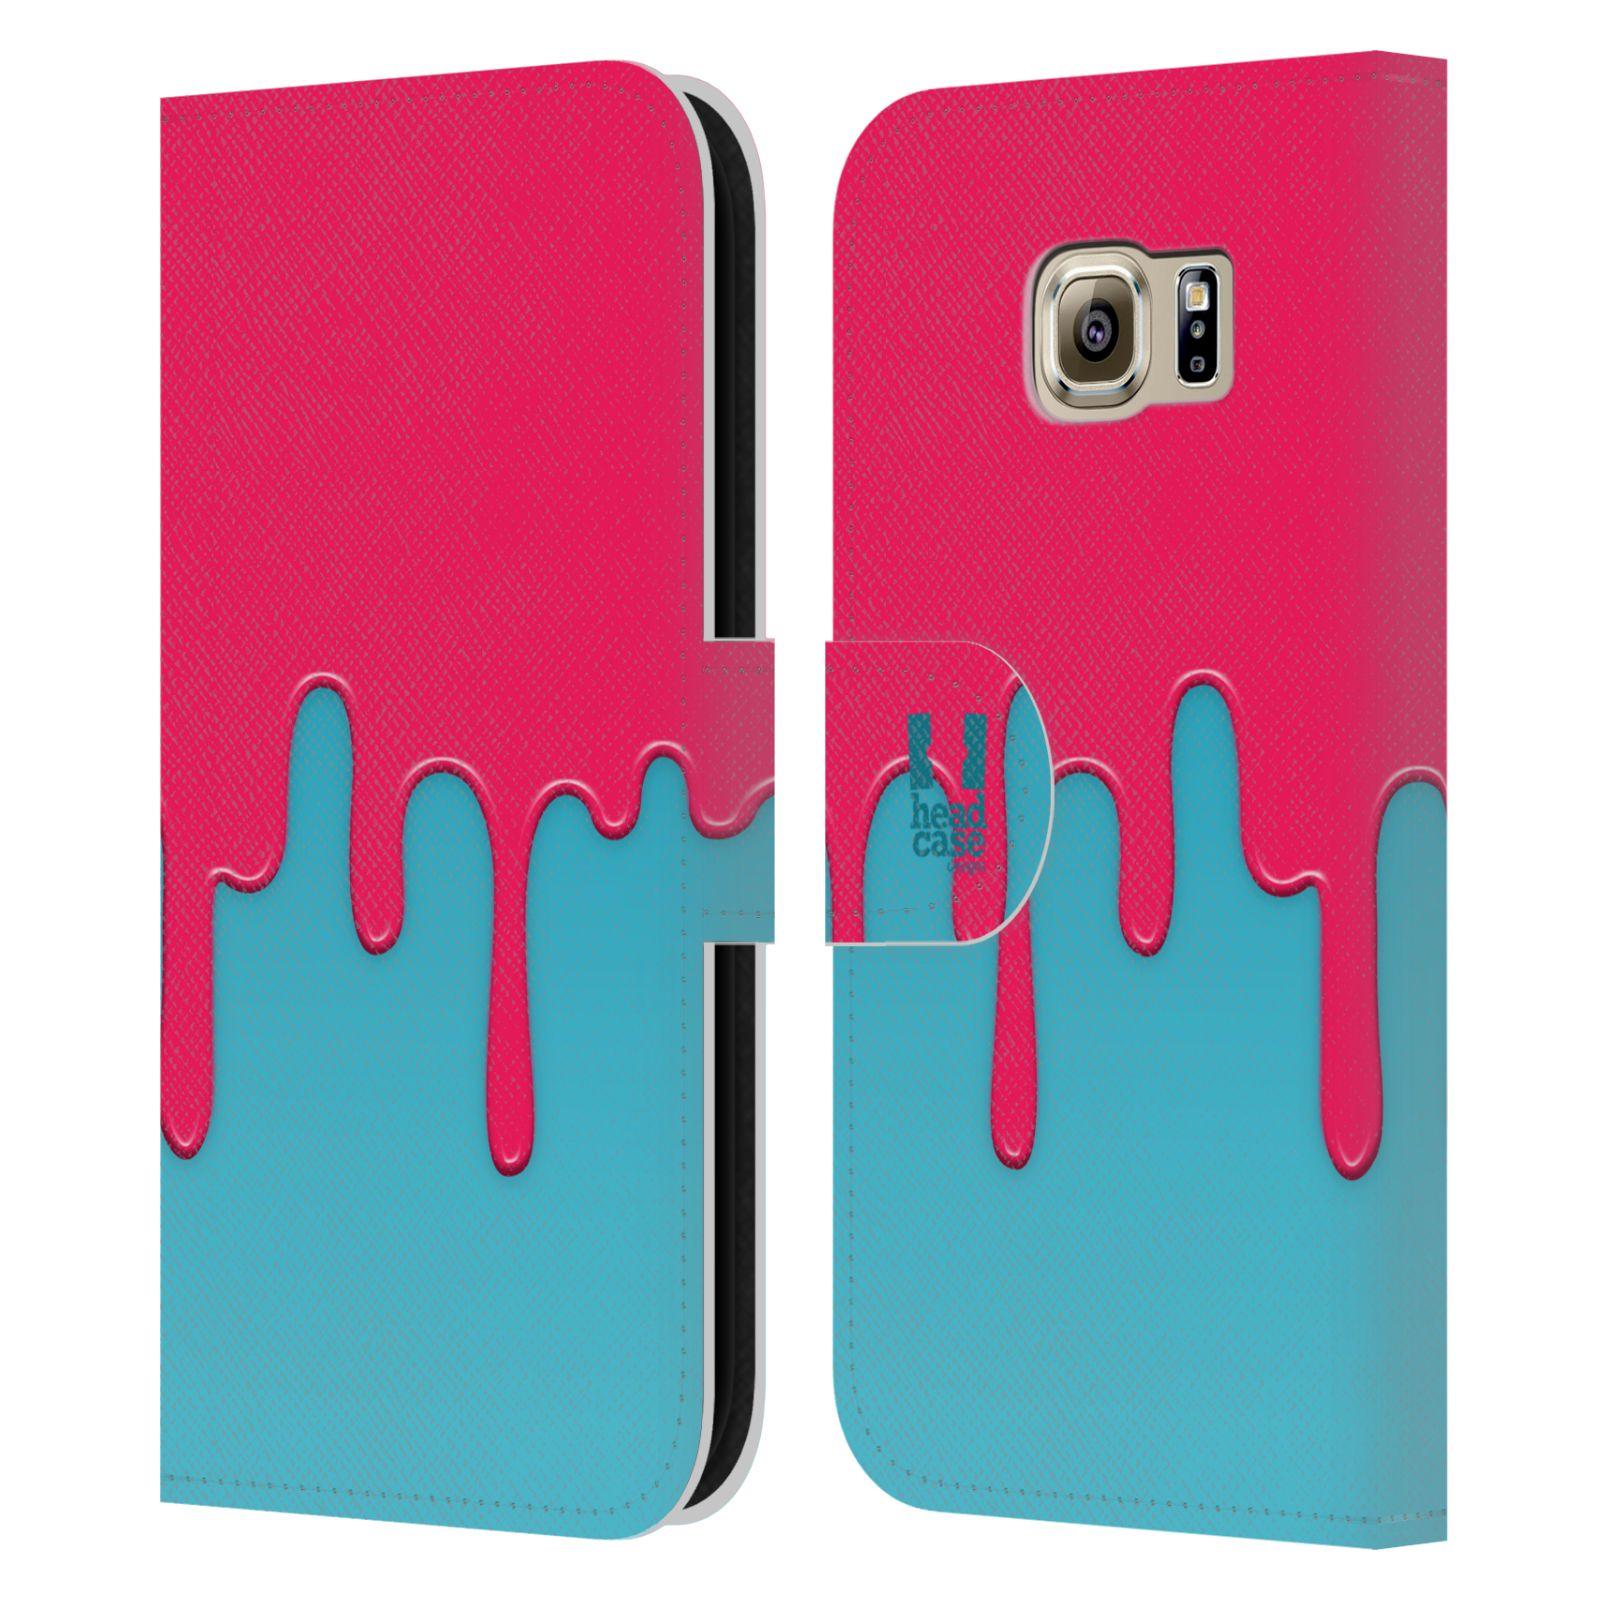 HEAD CASE Flipové pouzdro pro mobil Samsung Galaxy S6 (G9200) Rozlitá barva růžová a modrá